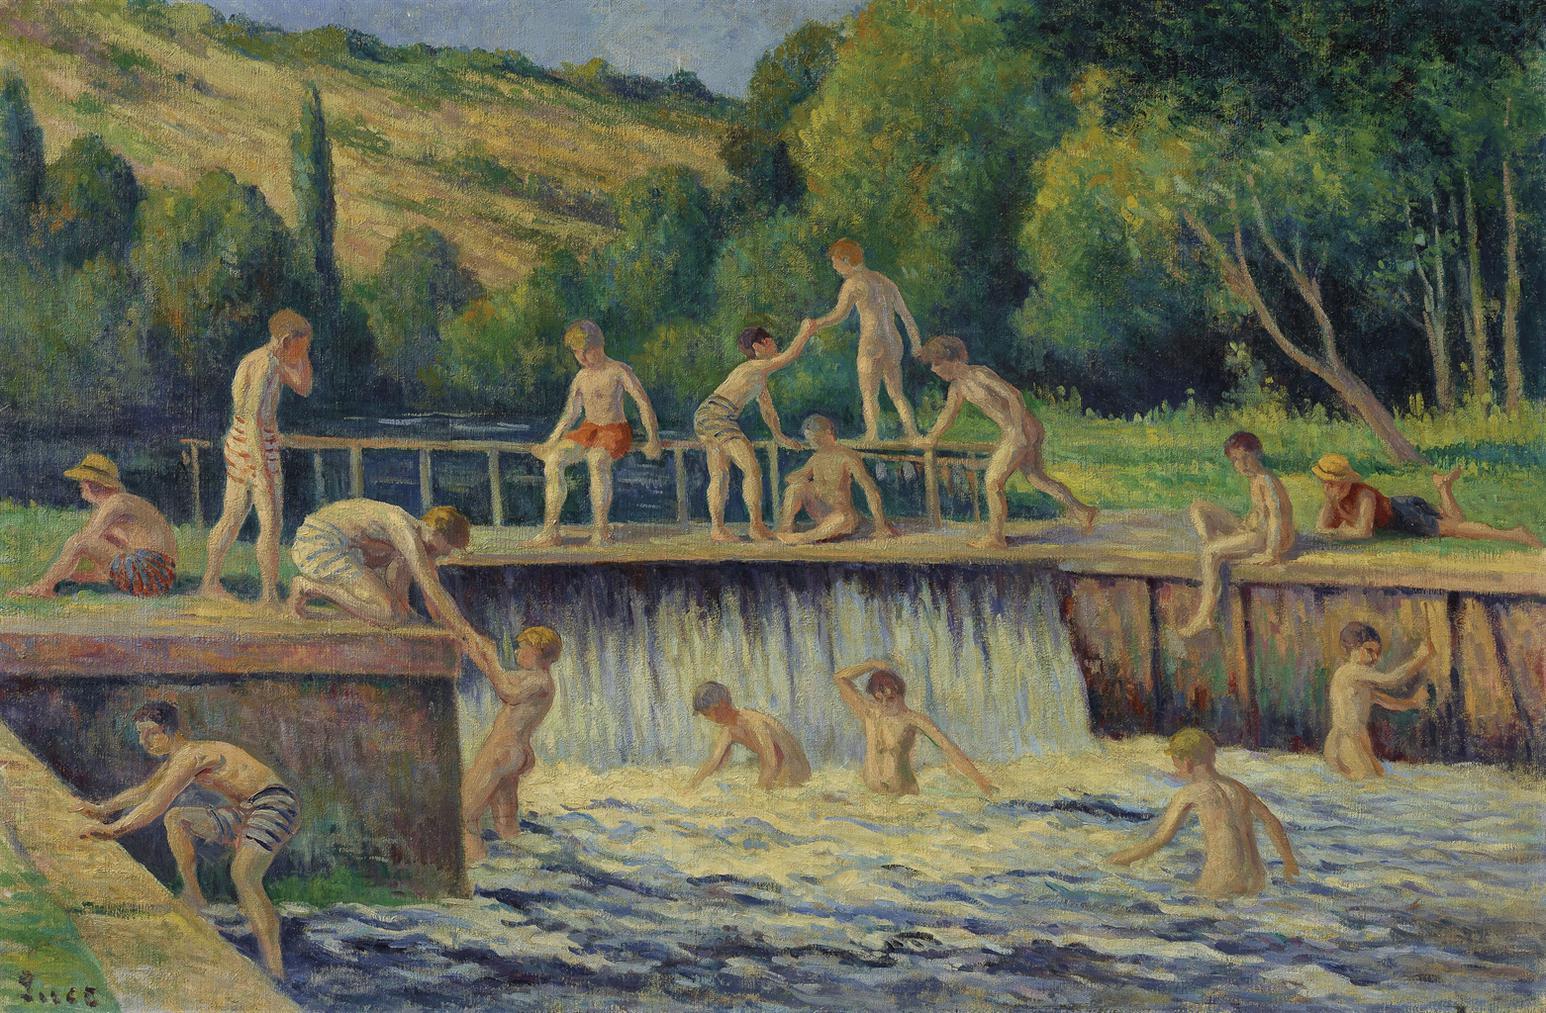 Maximilien Luce-La Baignade A Bessy-Sur-Cure-1908